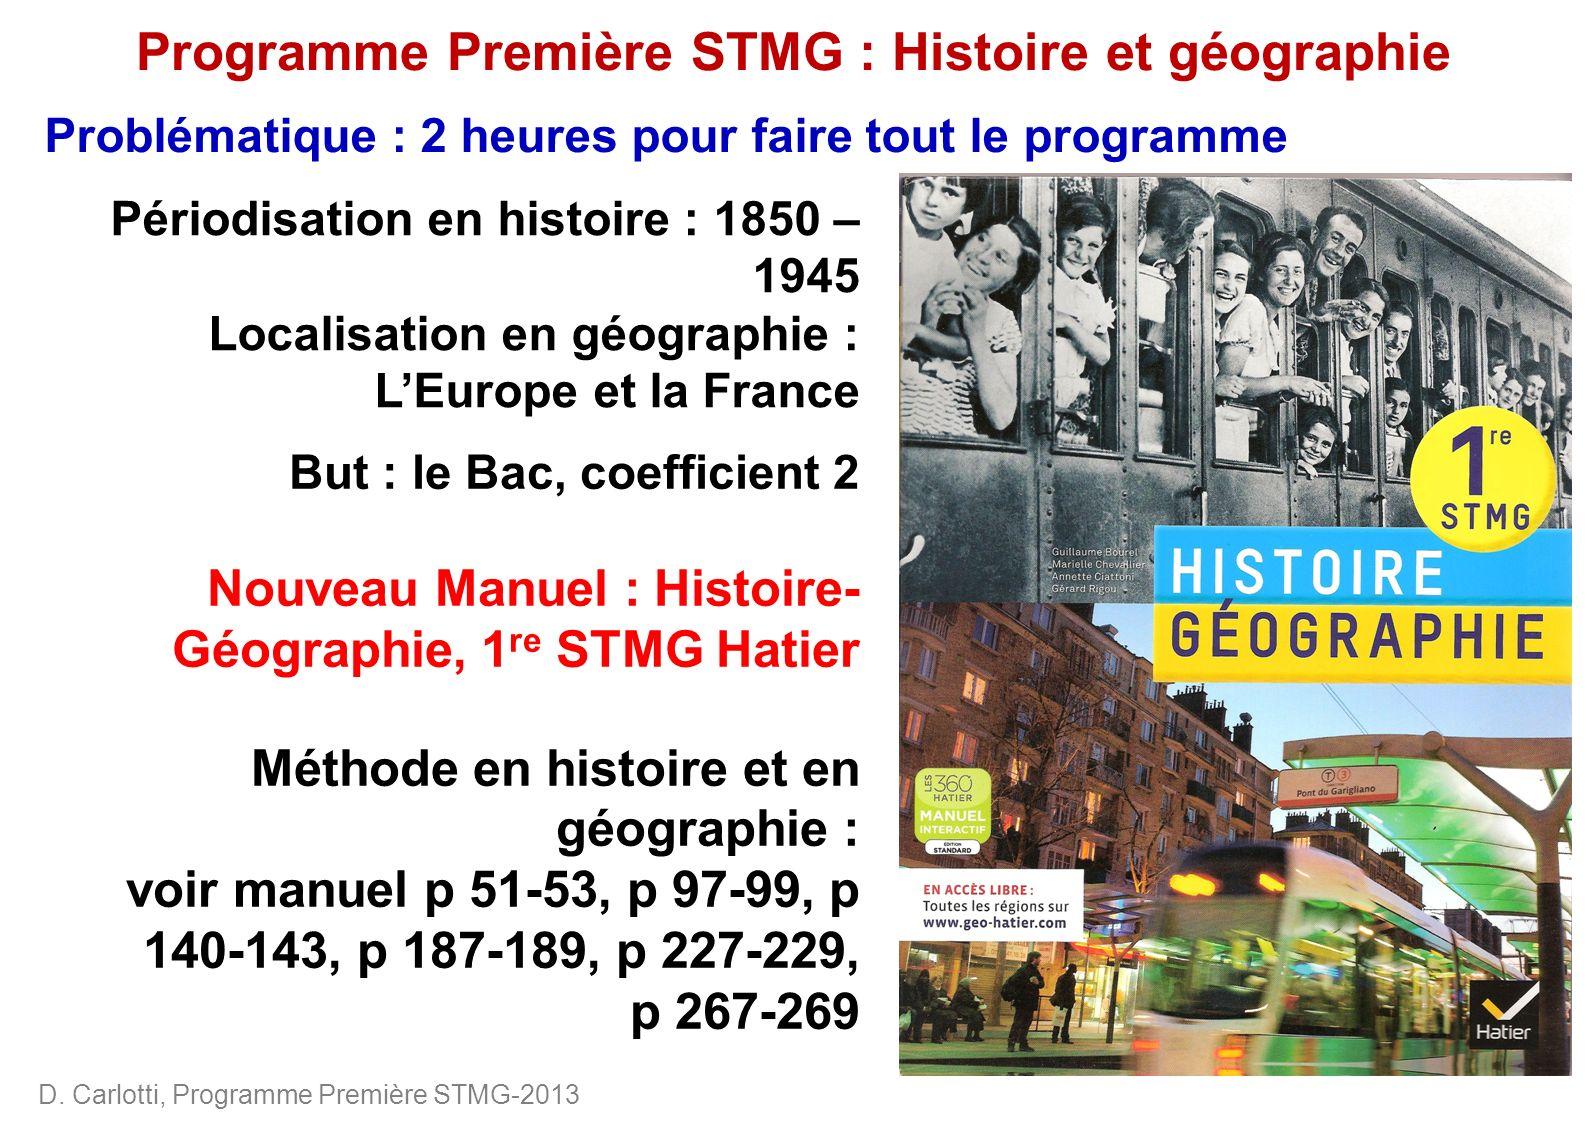 Programme Première STMG : Histoire et géographie